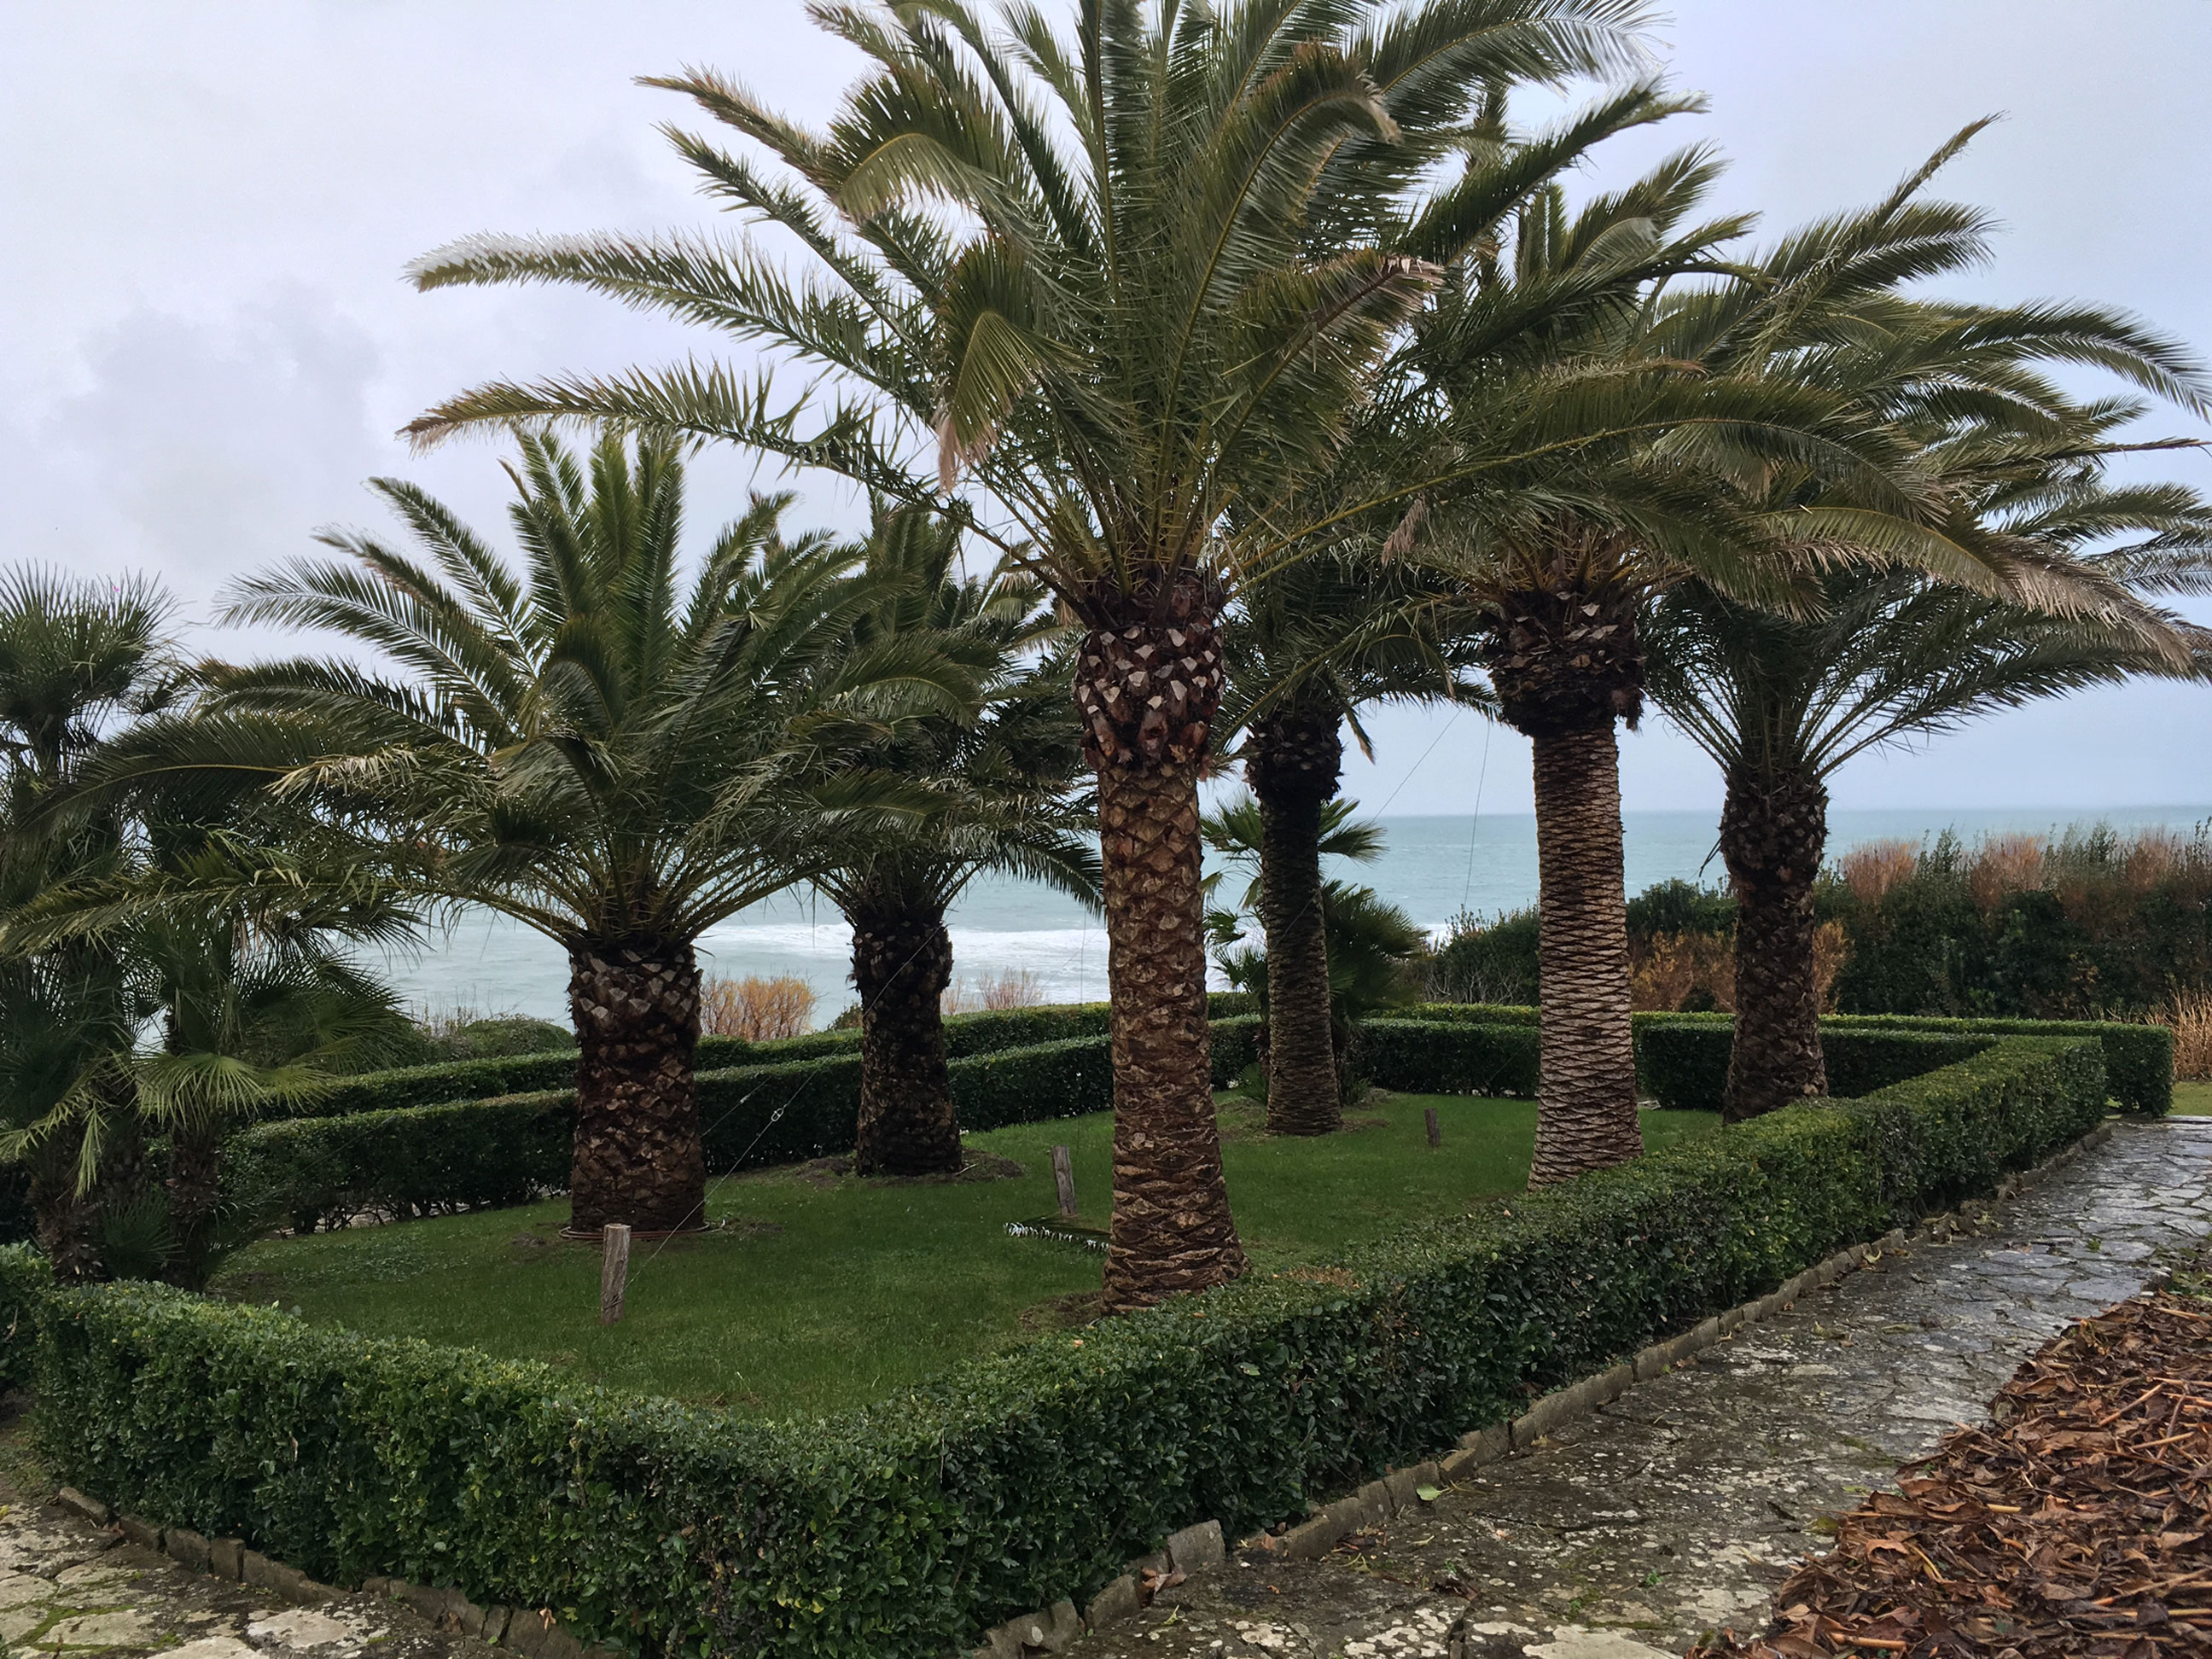 Palmiers en front d'océan